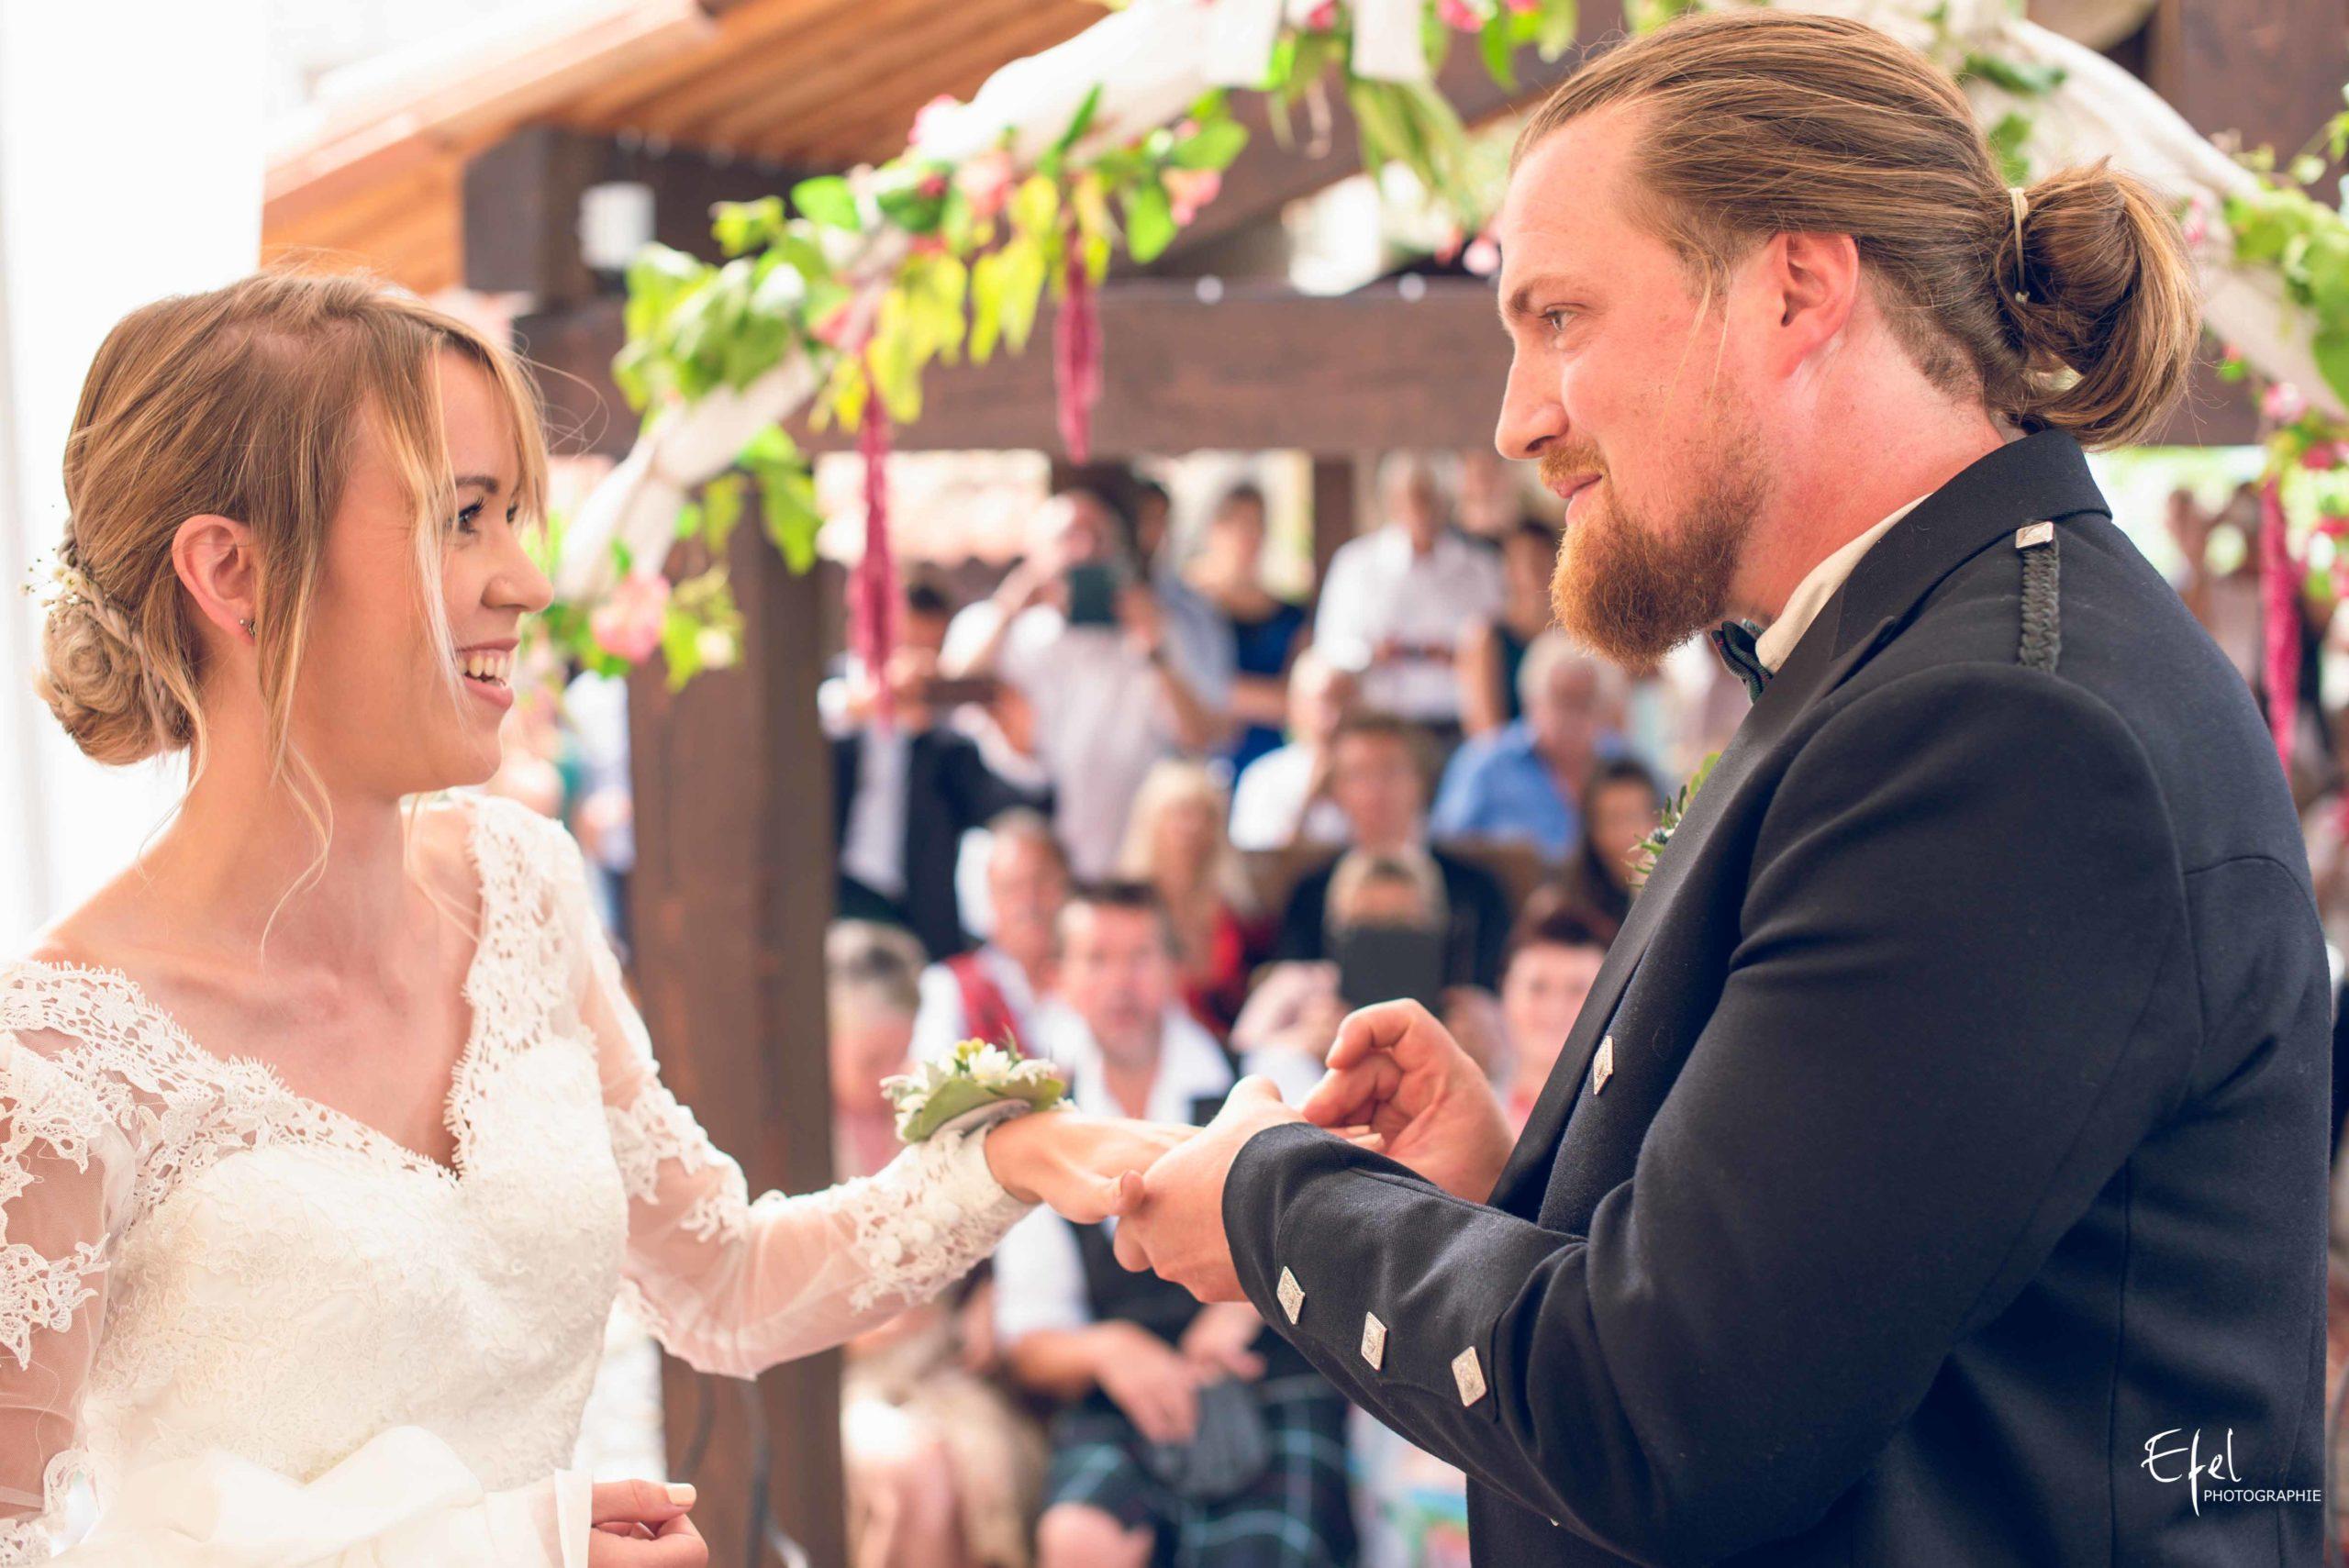 Photos cérémonie mariage laïque échange des alliances - photographe mariage Gap